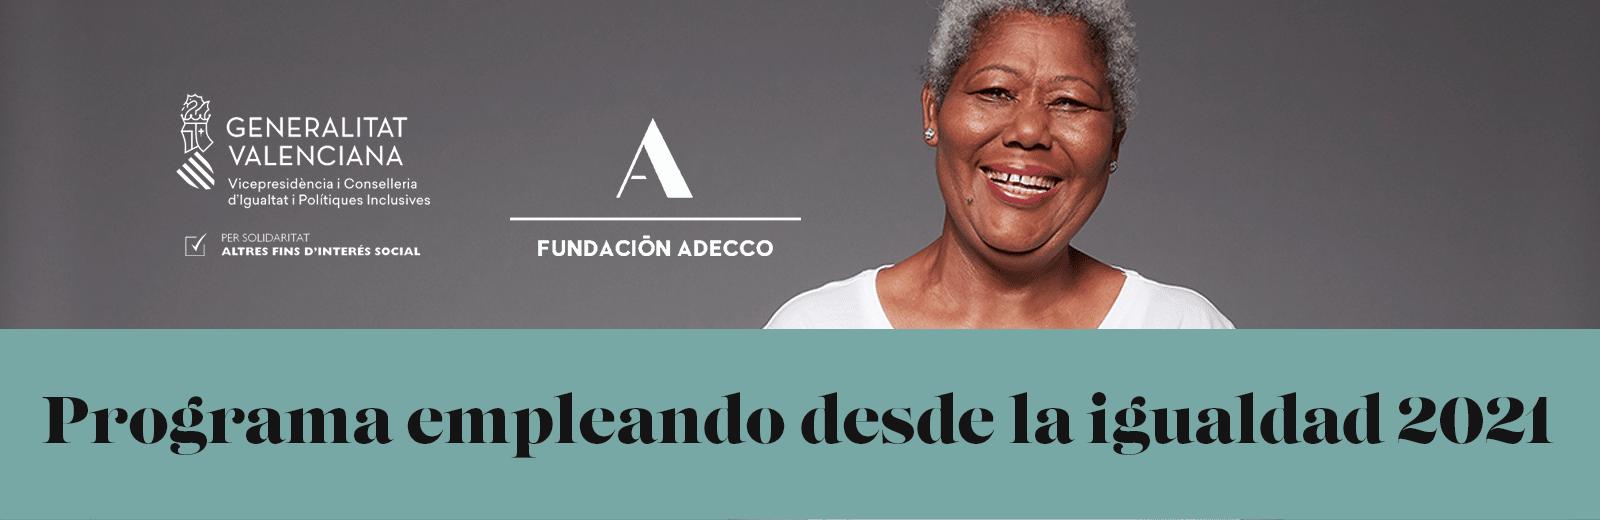 mujer de mediana edad sonriendo